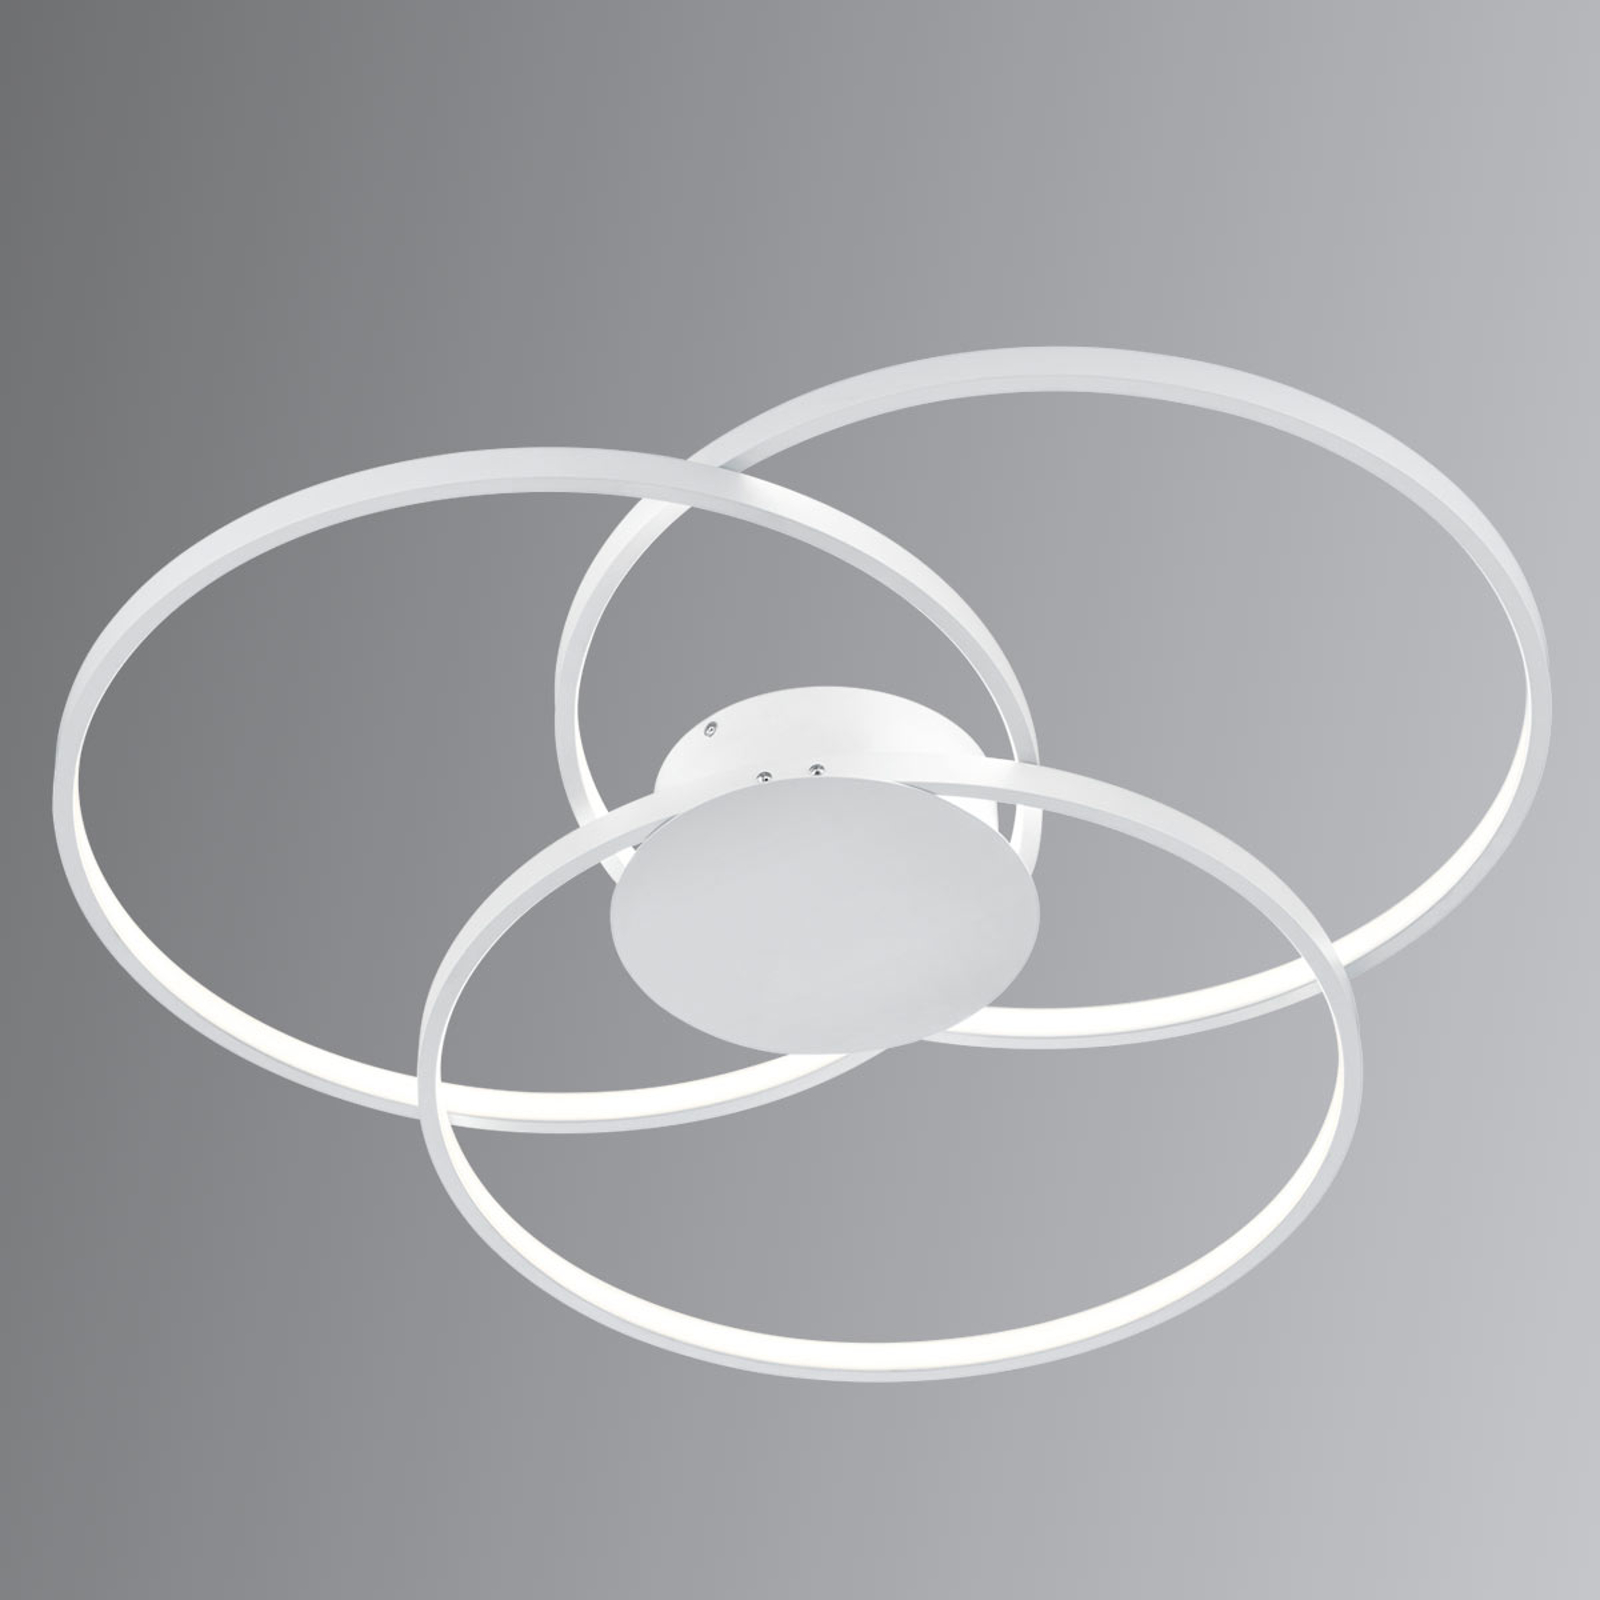 Valkoinen LED-kattolamppu Sedona kytkin-himmennin